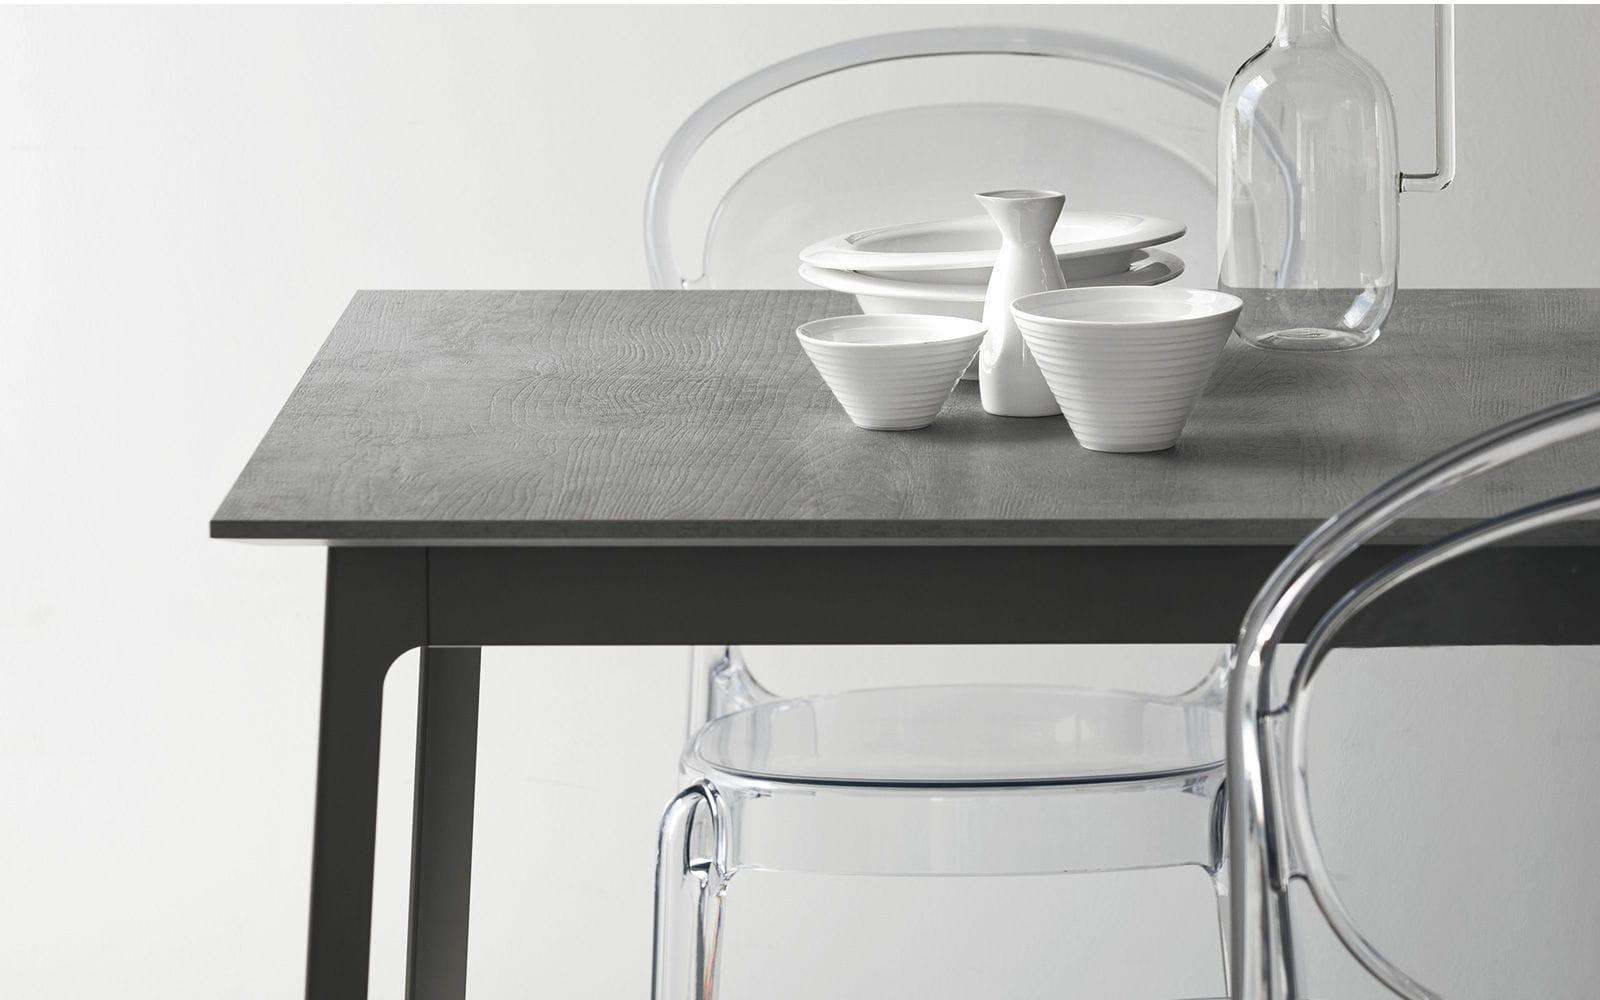 Calligaris Tavoli Da Cucina.Tavolo Da Pranzo Moderno In Metallo In Melamminico